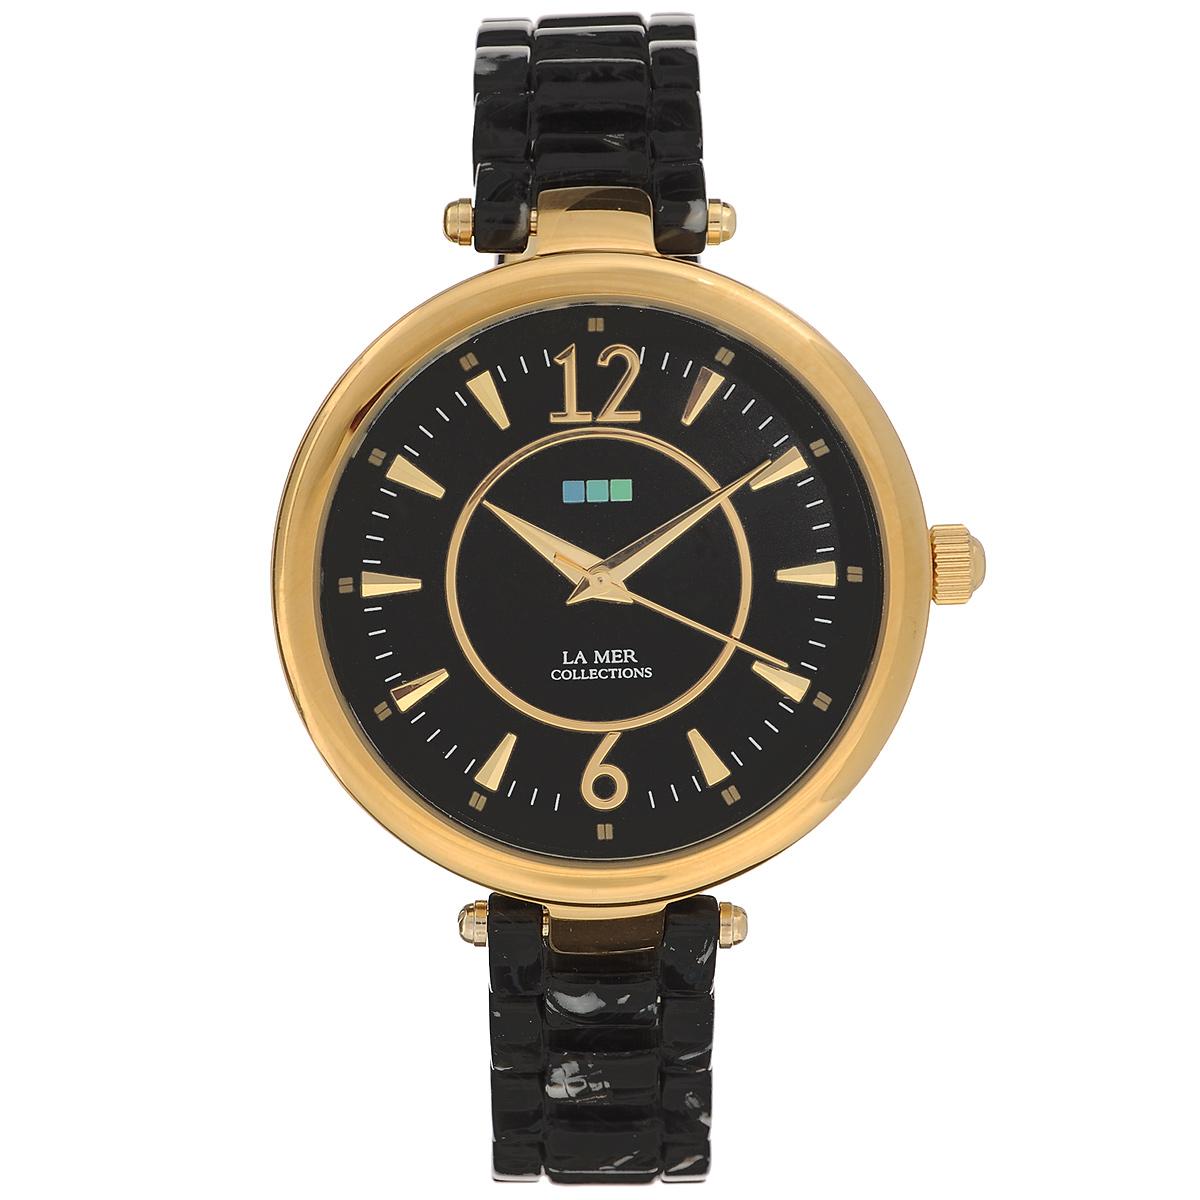 Часы наручные женские La Mer Collections Gold Black/Silver Black Dial. LMSICILY005LMSICILY005Женские наручные часы La Mer Collections позволят вам выделиться из толпы и подчеркнуть свою индивидуальность. Часы оснащены японским кварцевым механизмом Seiko. Браслет часов состоит из пластика и застегивается на застежку-бабочку. Корпус часов изготовлен из сплава металлов, золотистого цвета. Циферблат оснащен часовой, минутной и секундной стрелками и защищен минеральным стеклом. Часы хранятся на специальной подушечке в футляре из искусственной замши, крышка которого оформлена логотипом компании La Mer Collection. Размер циферблата: 43 х 30 х 8 мм. Длина ремешка: 130 мм. Не содержат никель. Не водостойкие. Собираются вручную в США.